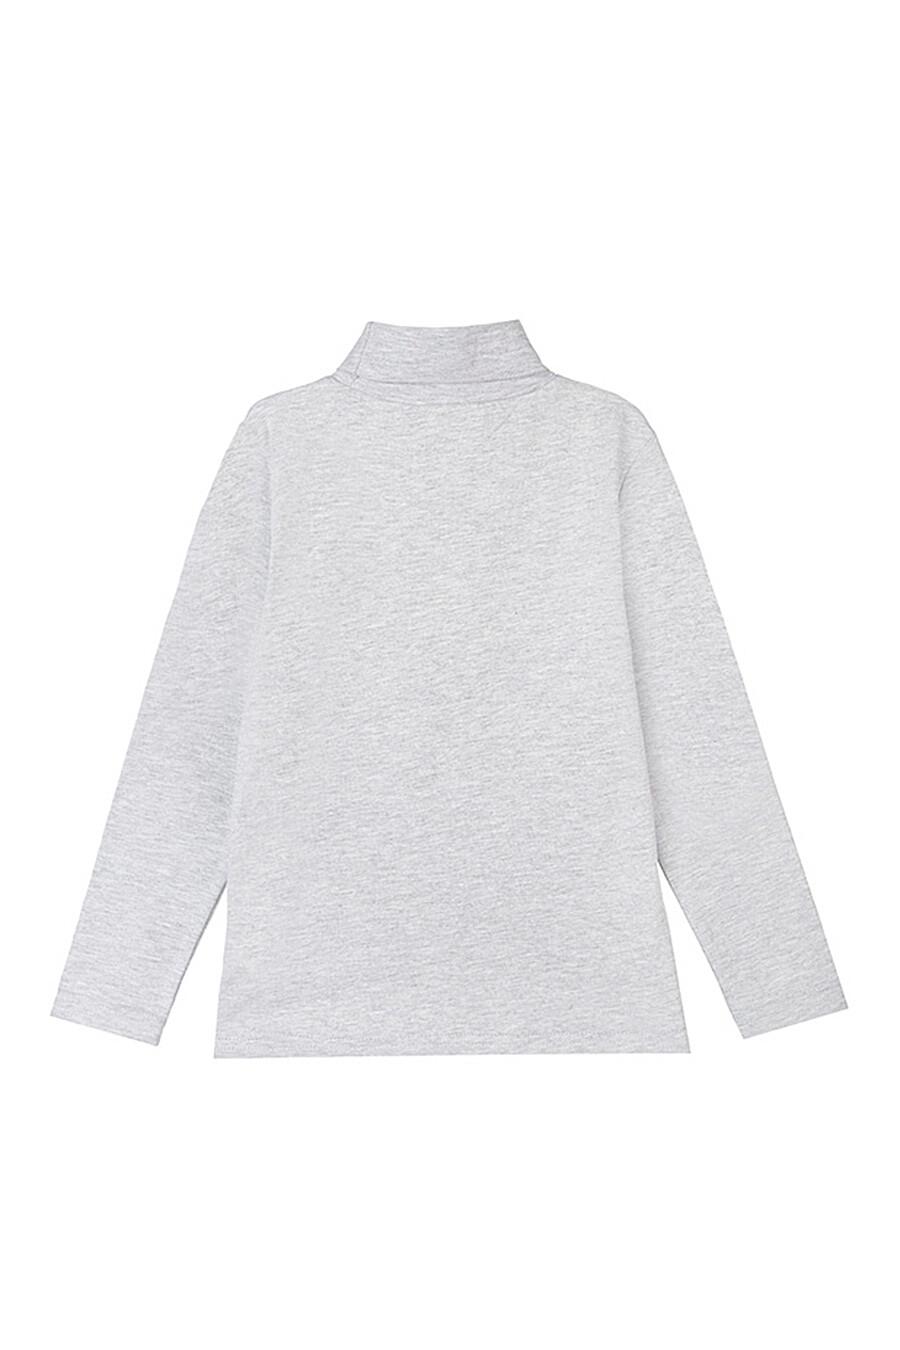 Водолазка для мальчиков PLAYTODAY 239501 купить оптом от производителя. Совместная покупка детской одежды в OptMoyo